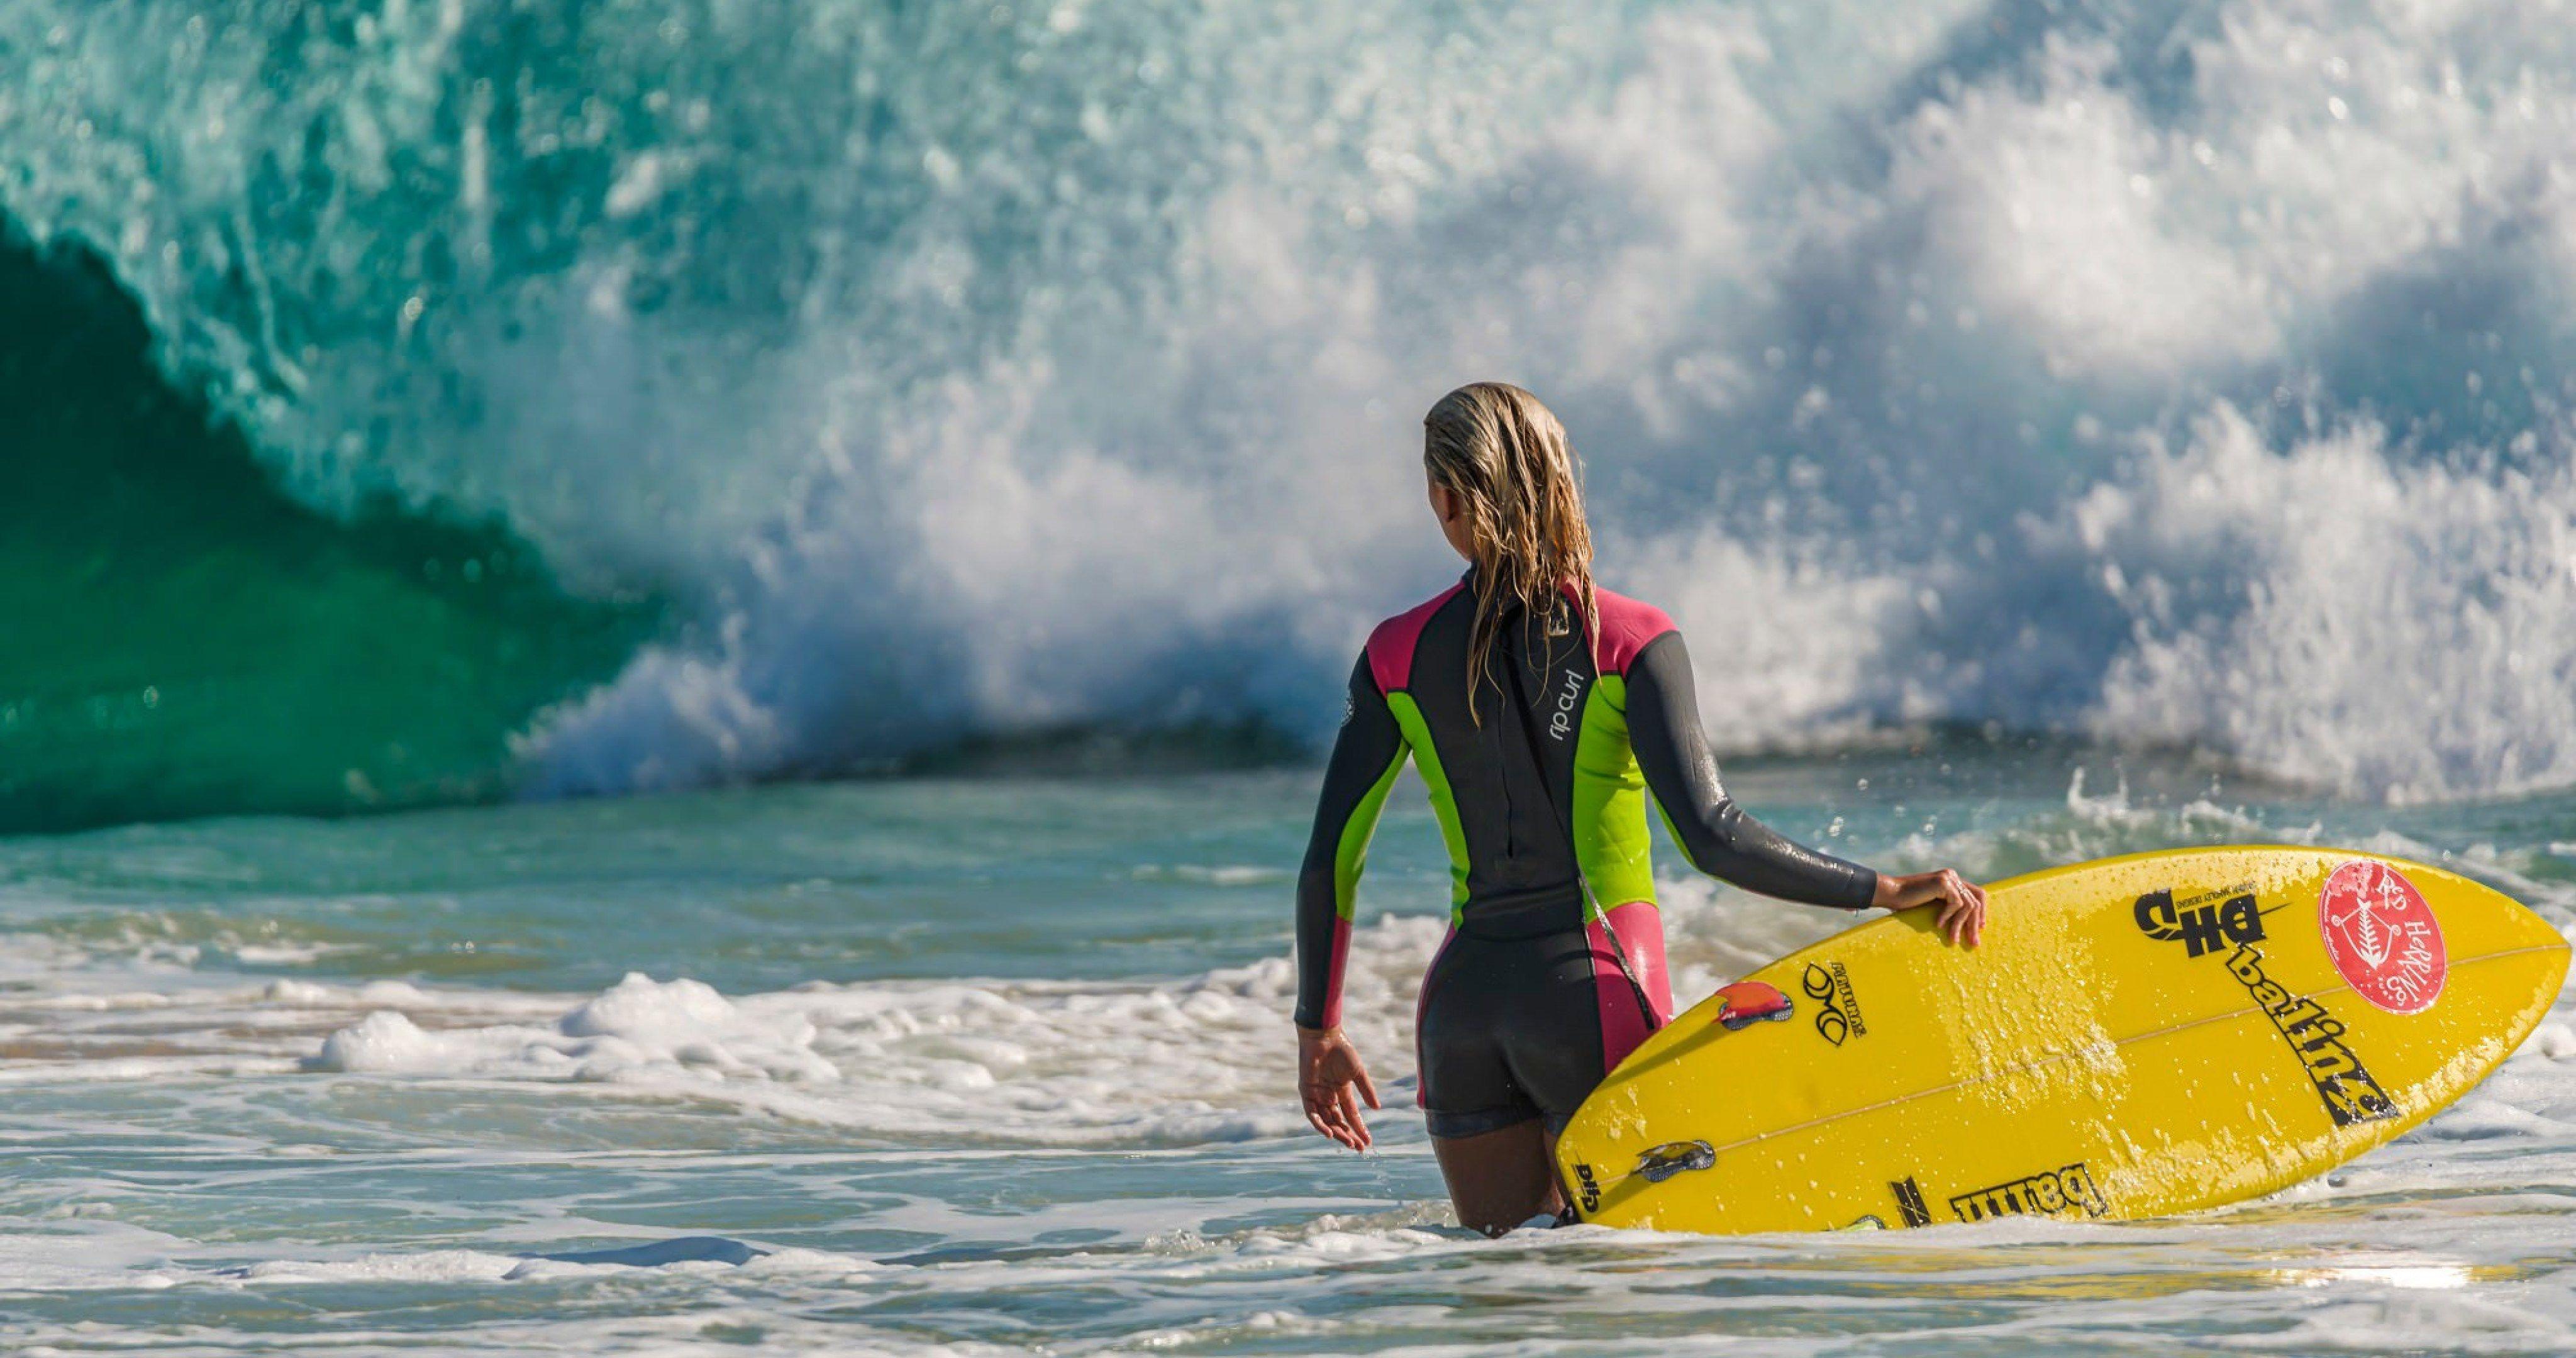 Surf 4k wallpaper